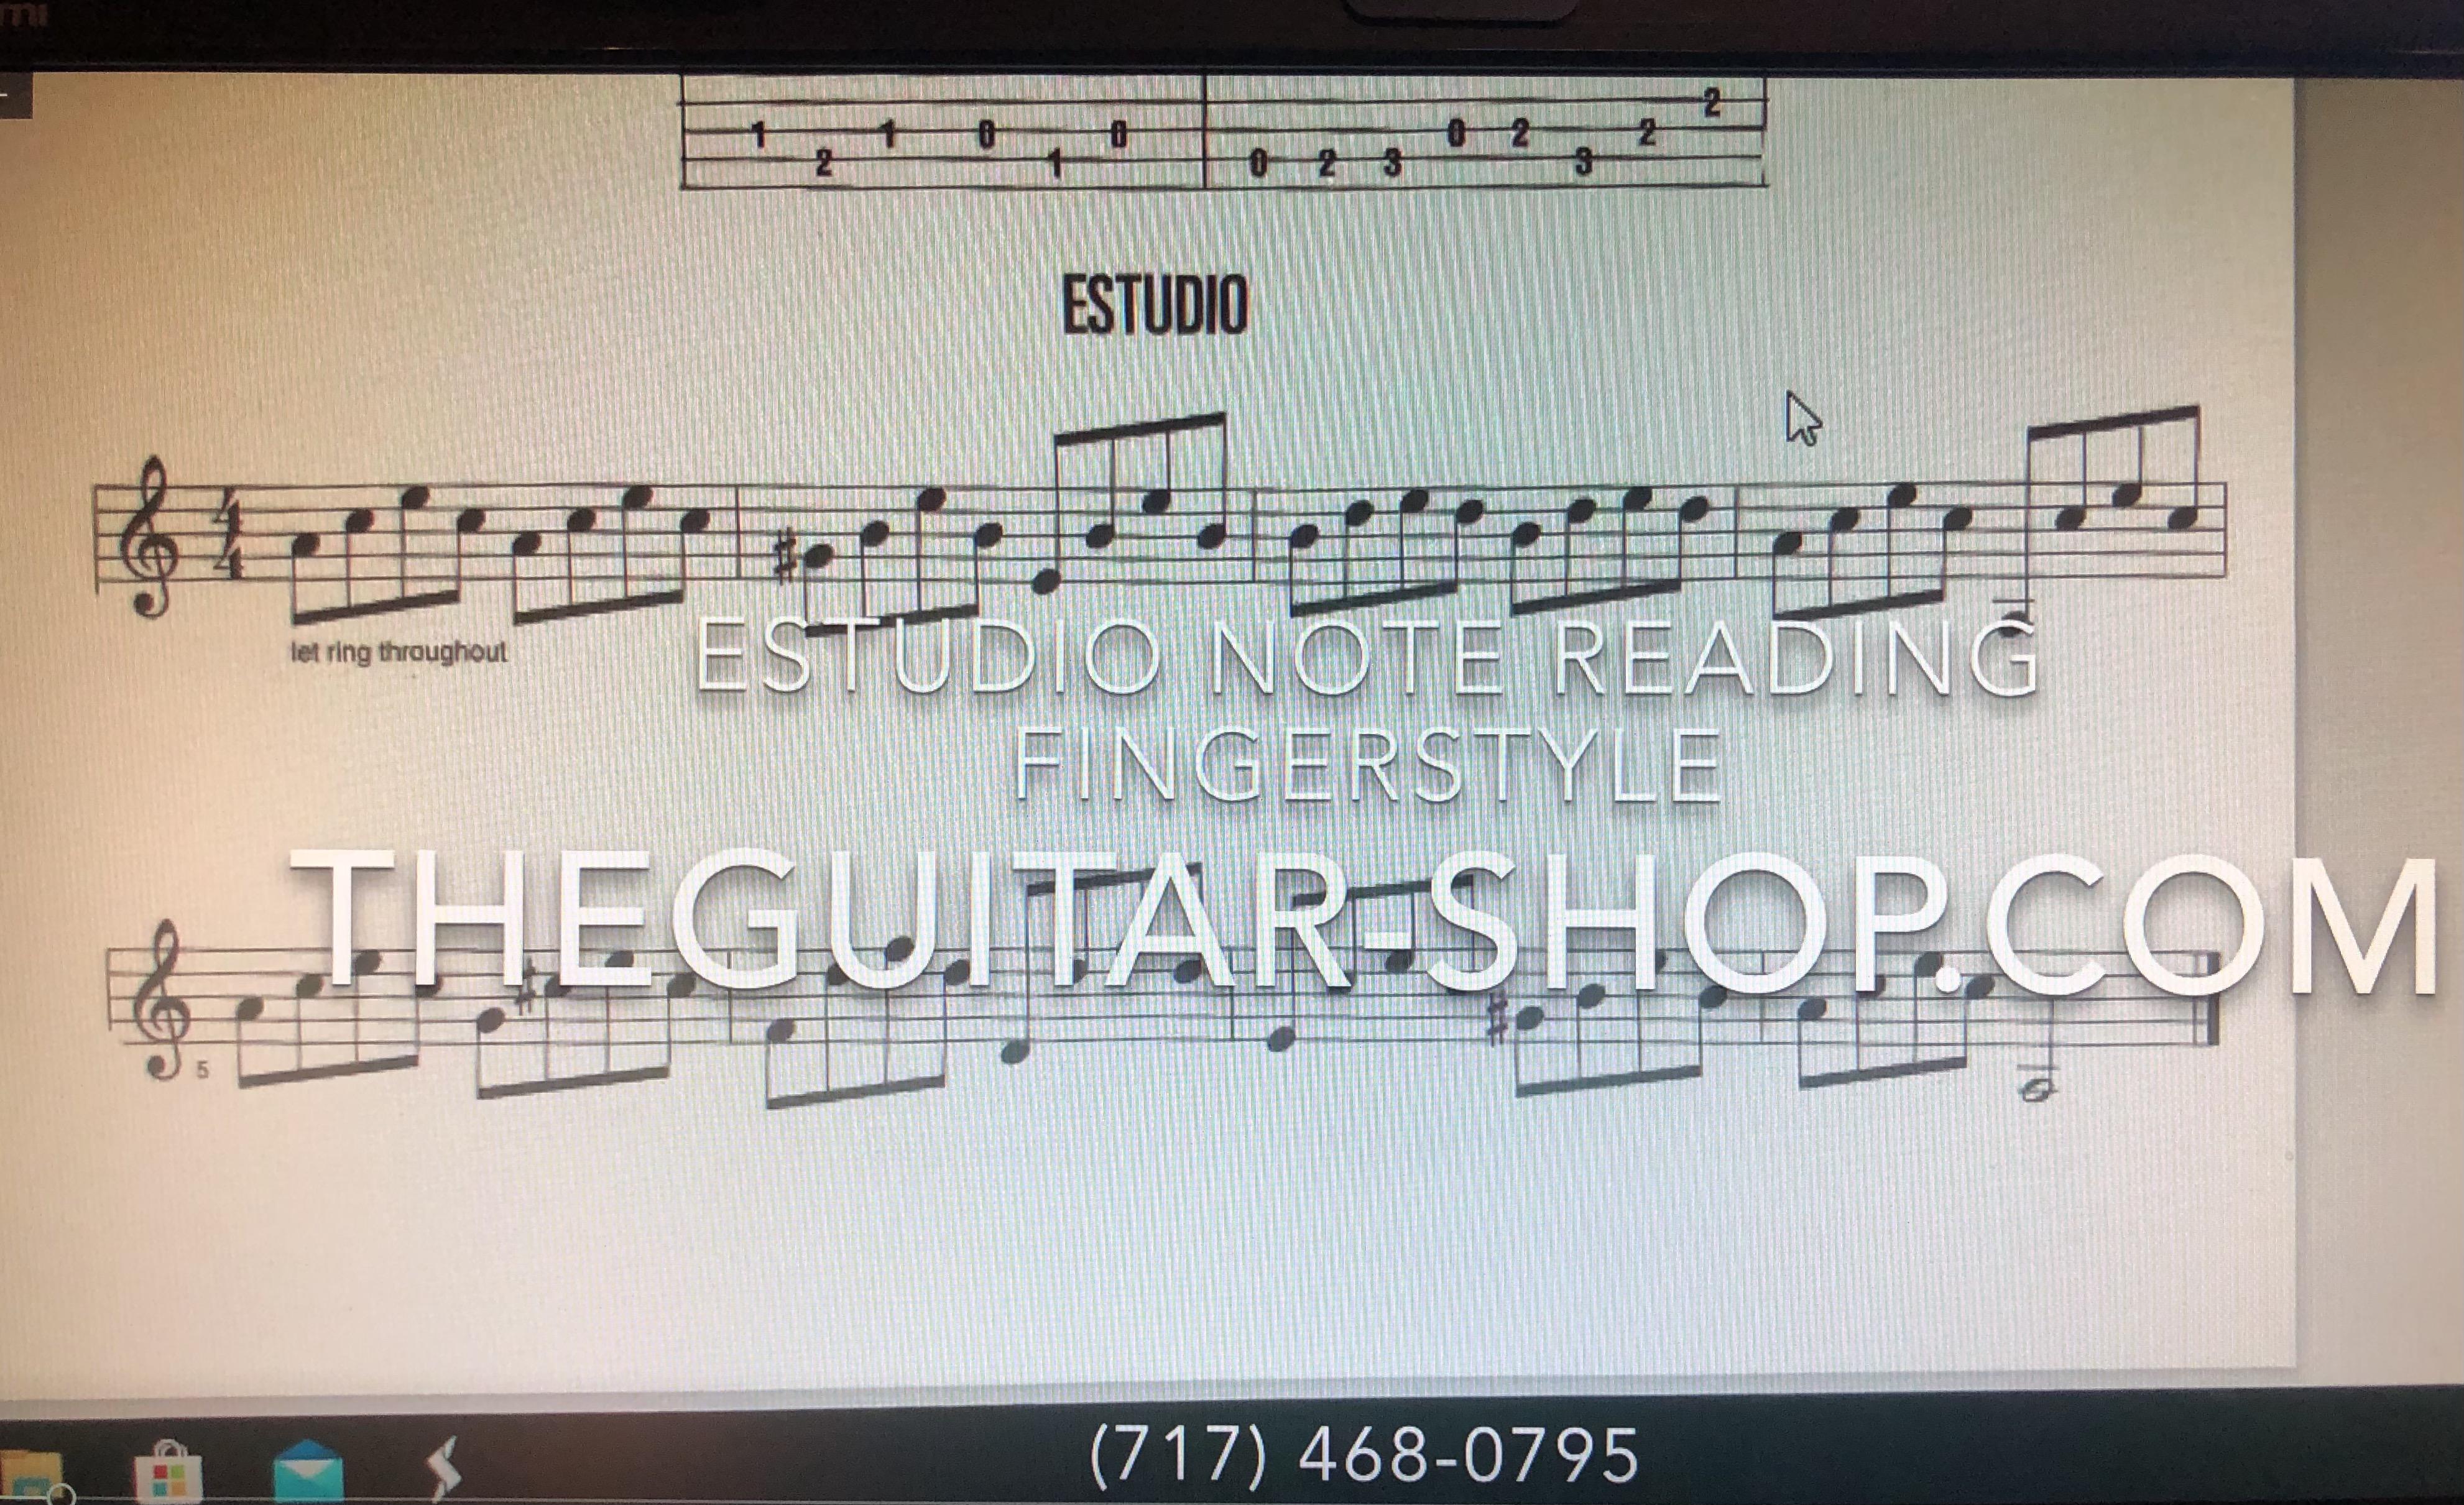 https://0201.nccdn.net/1_2/000/000/181/016/estudio-fingerstyle-notation-ss.jpg